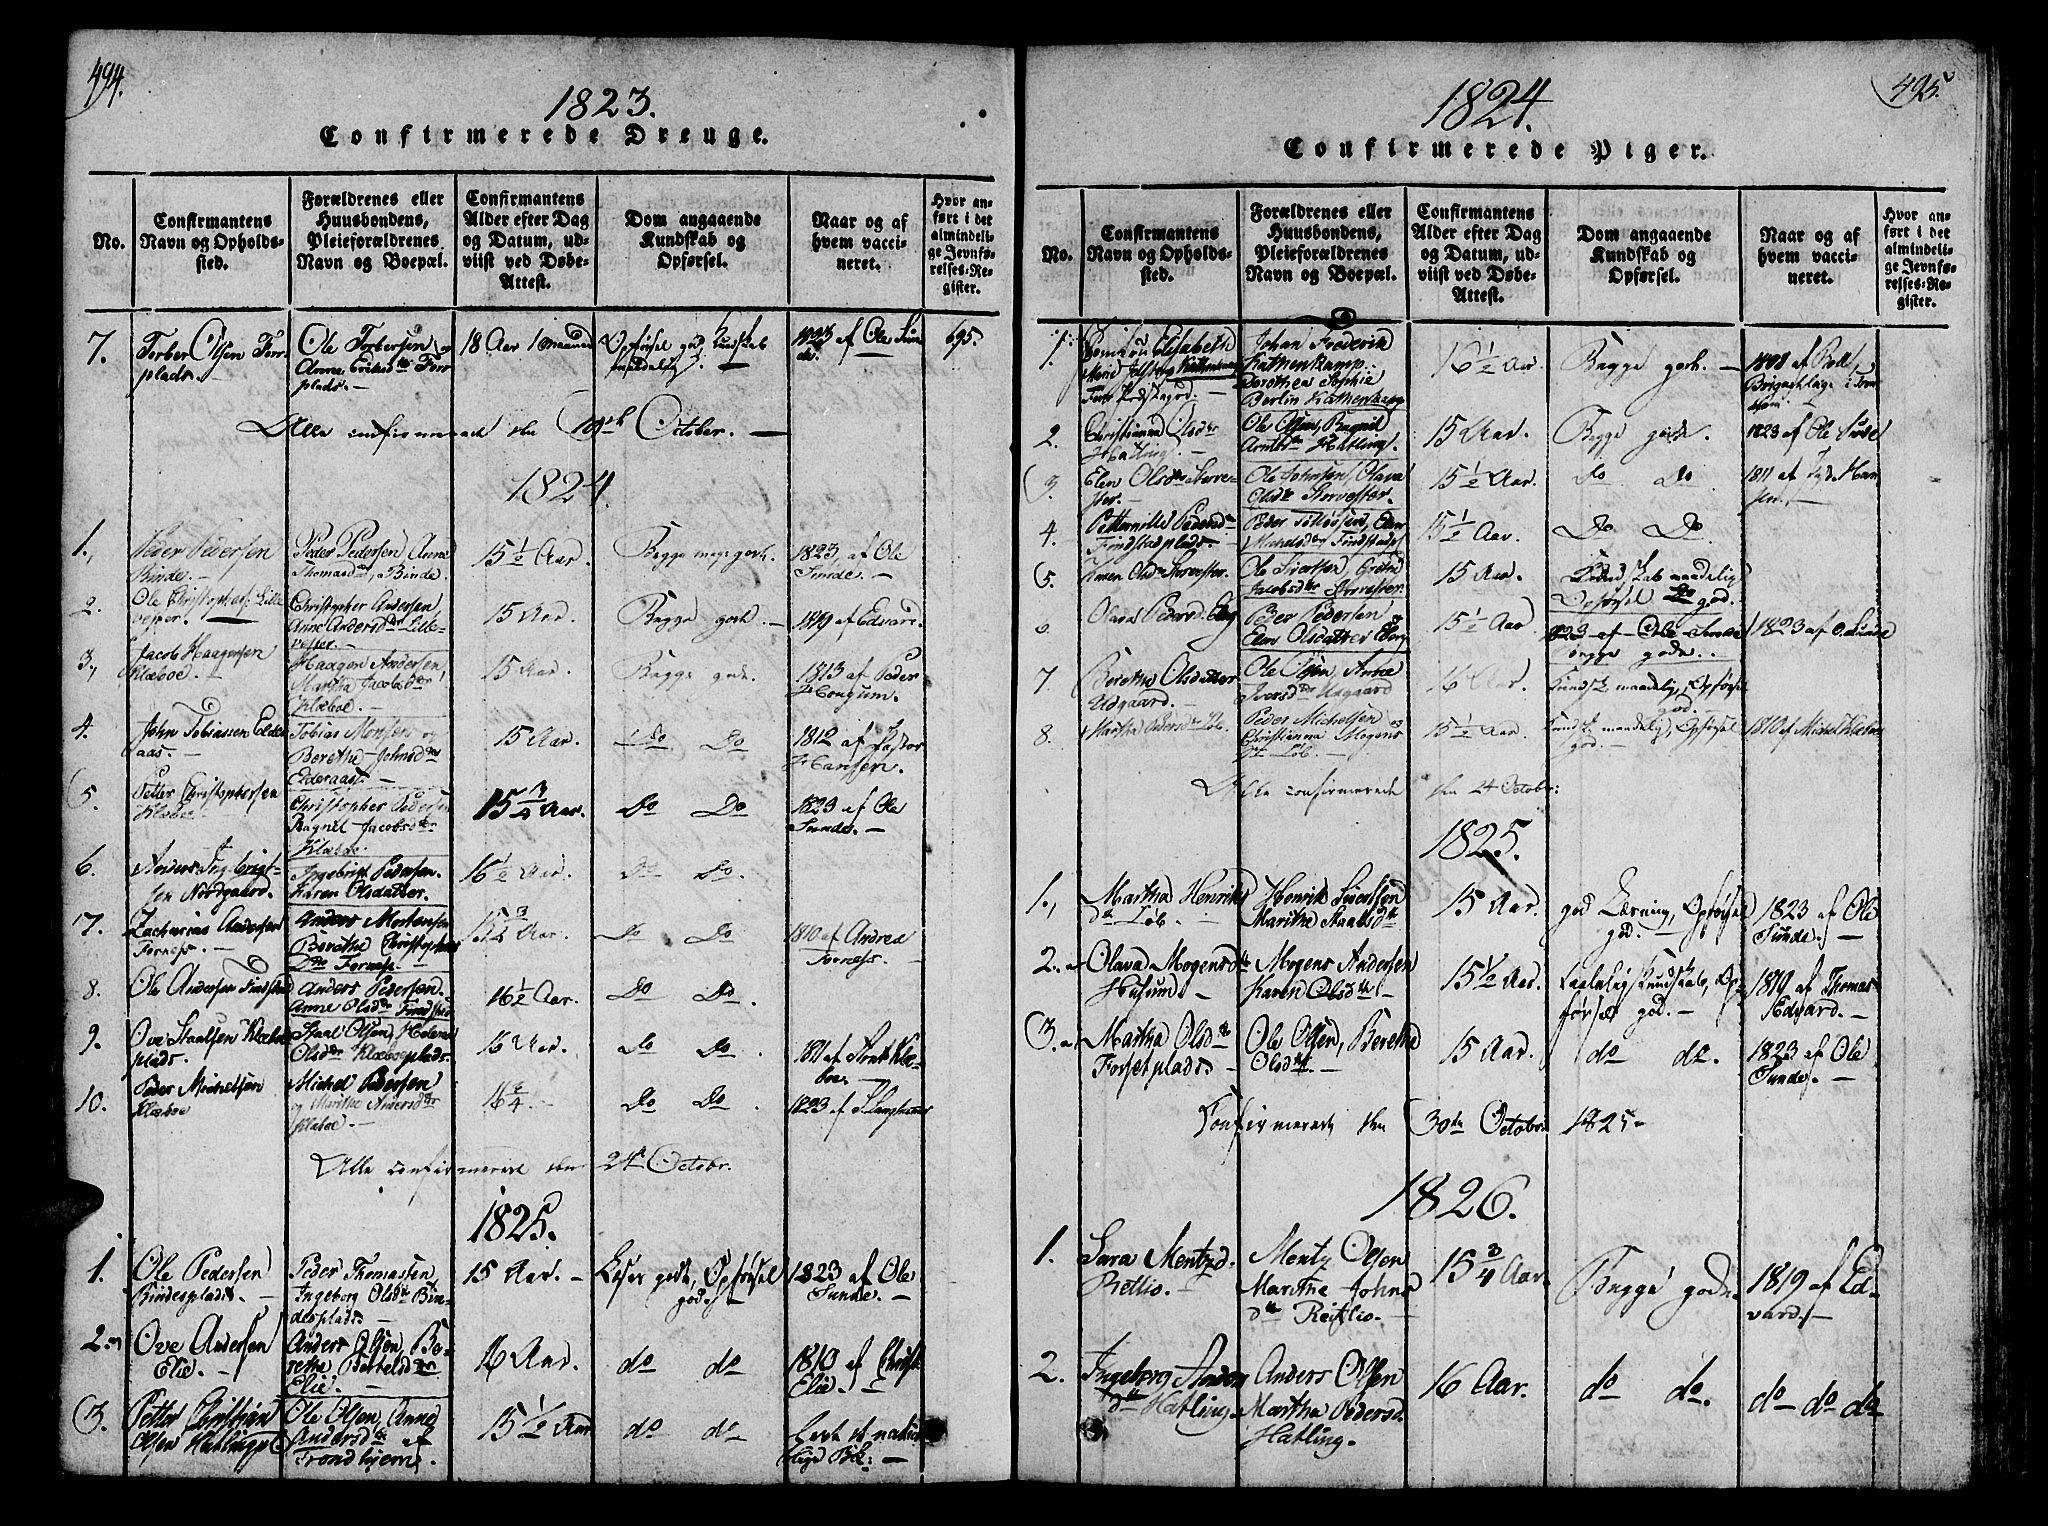 SAT, Ministerialprotokoller, klokkerbøker og fødselsregistre - Nord-Trøndelag, 746/L0441: Ministerialbok nr. 746A03 /1, 1816-1827, s. 494-495